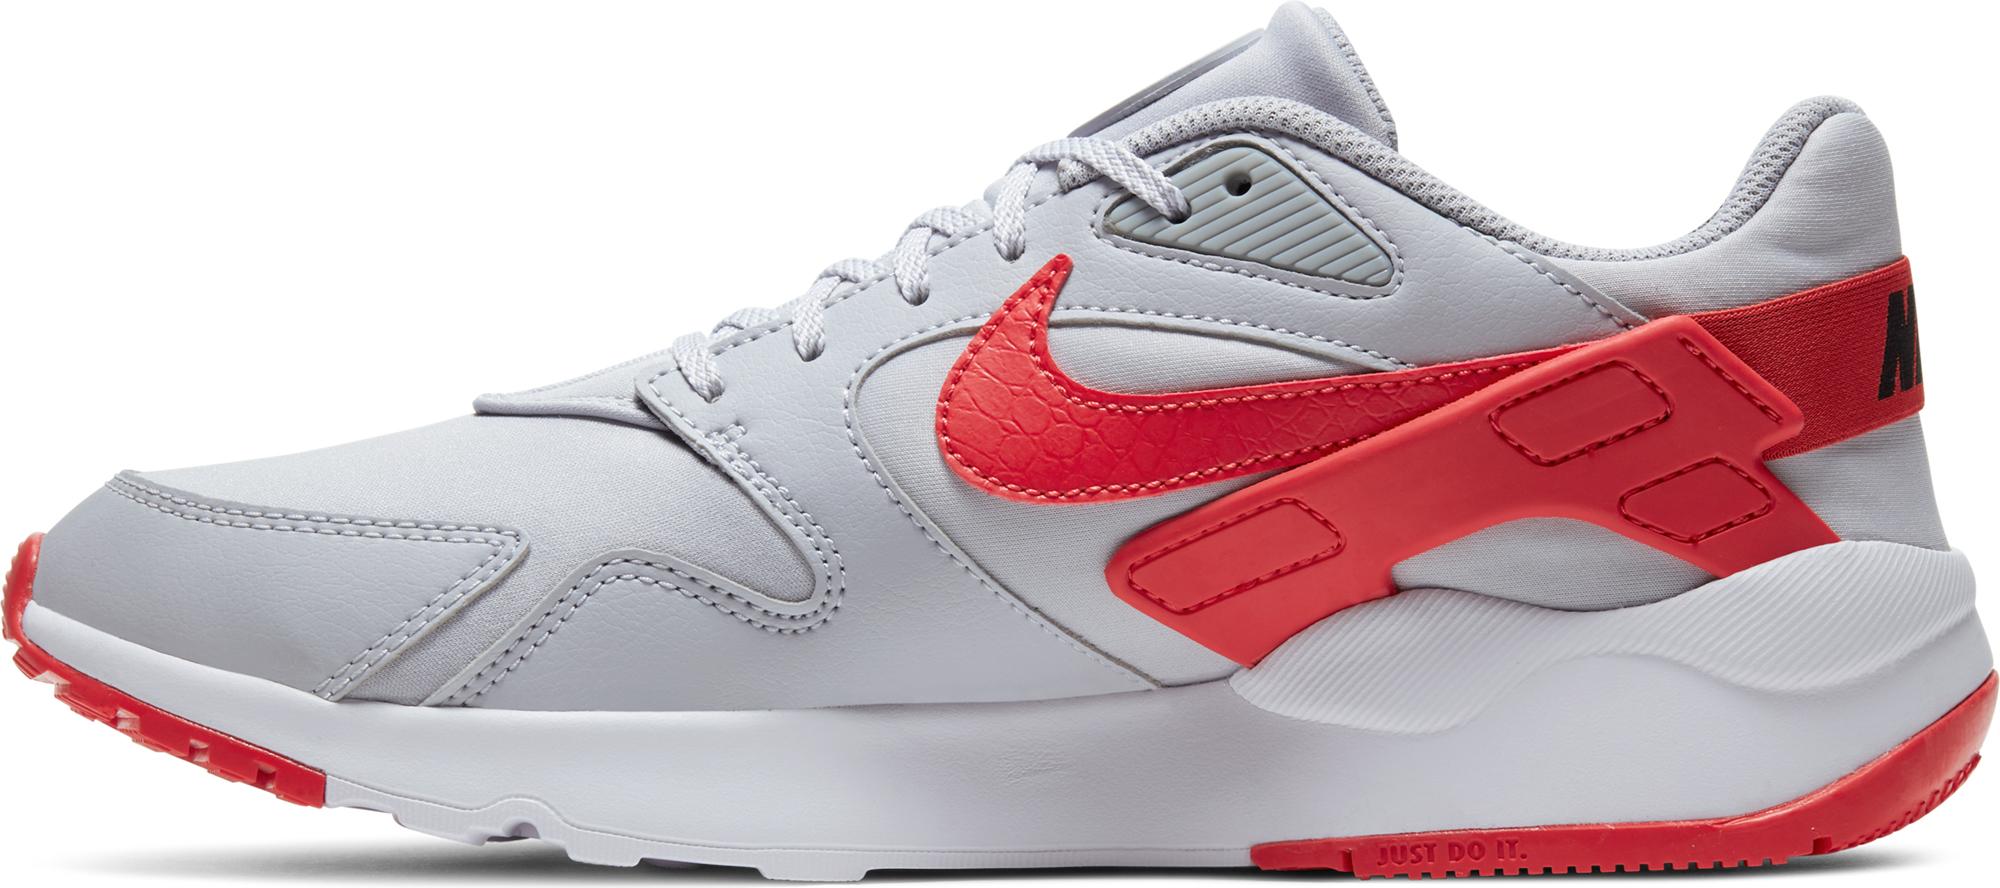 цена Nike Кроссовки мужские Nike Ld Victory, размер 45 онлайн в 2017 году